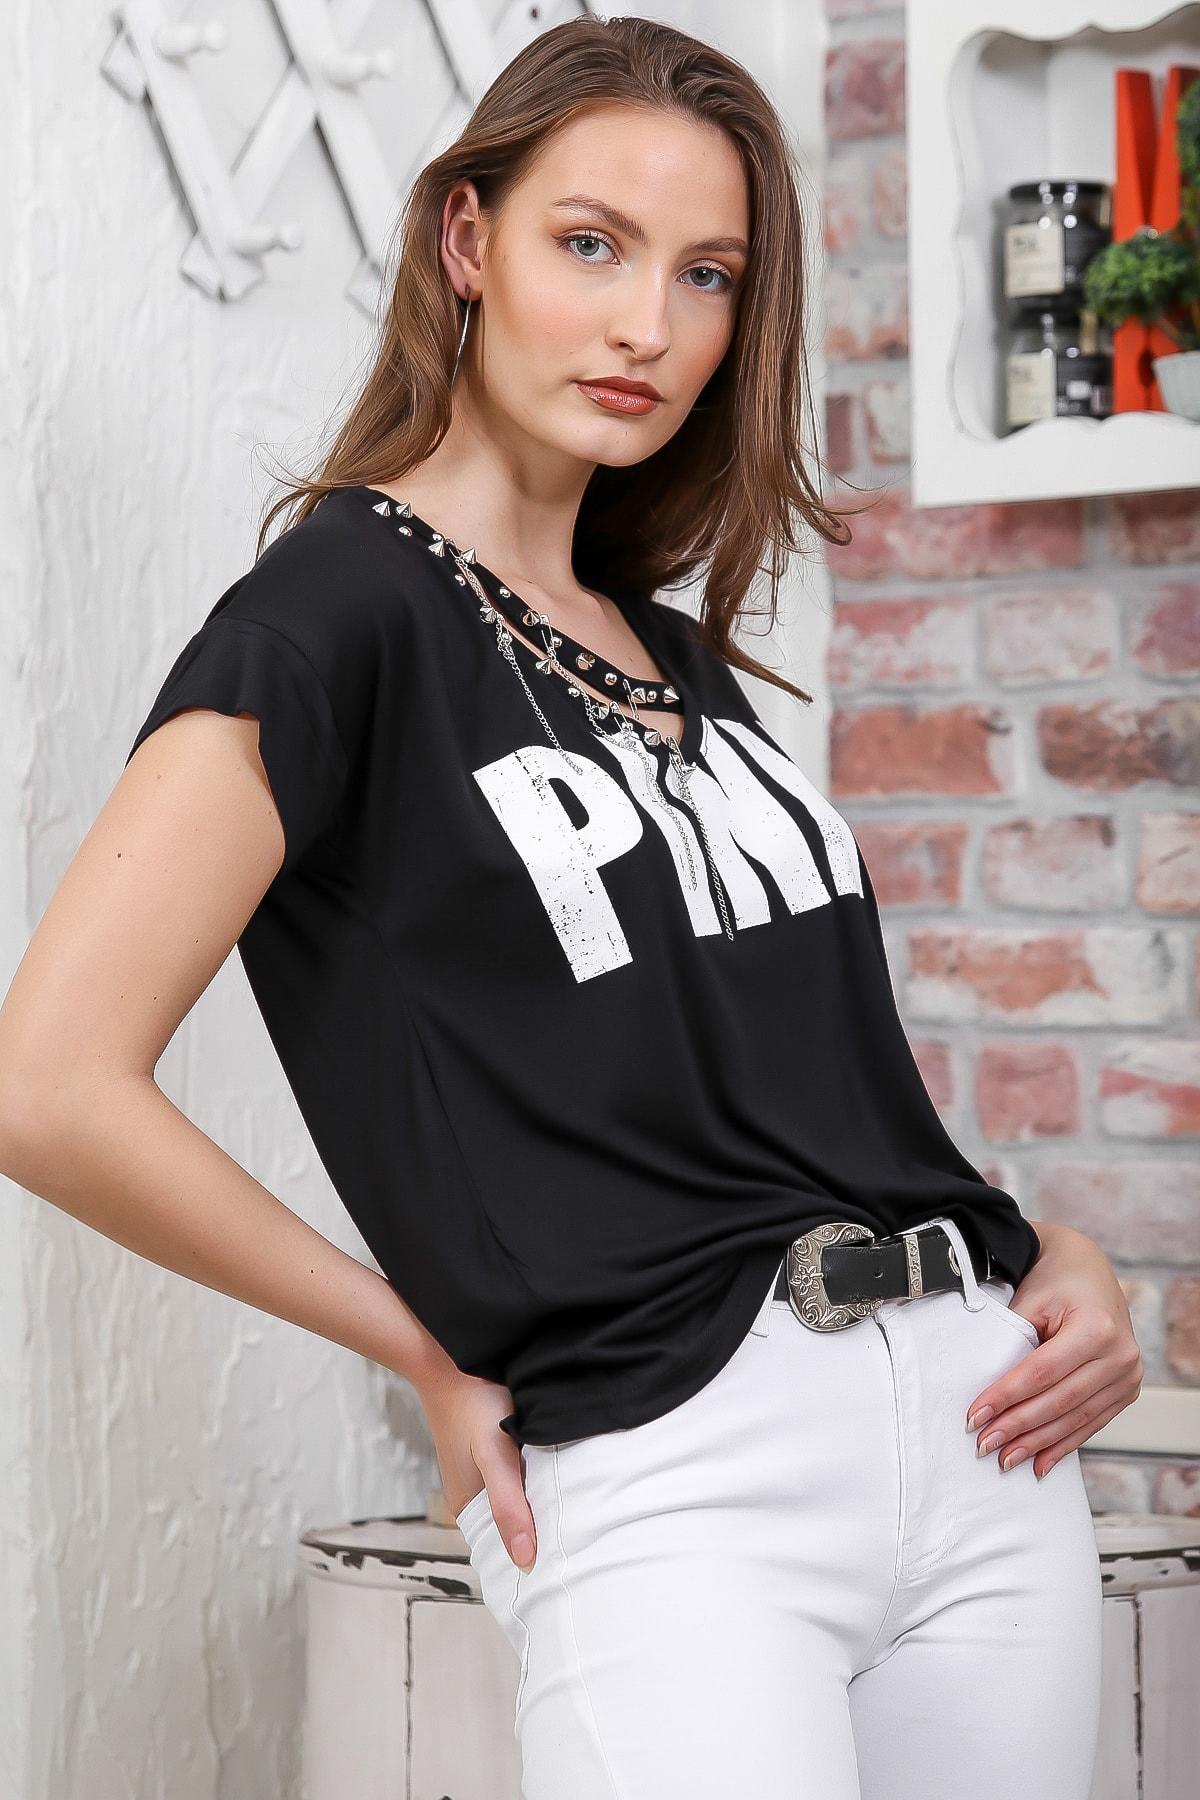 Chiccy Kadın Siyah V Yaka Pınk Baskılı Zincir Detaylı T-Shirt M10010300TS98280 1